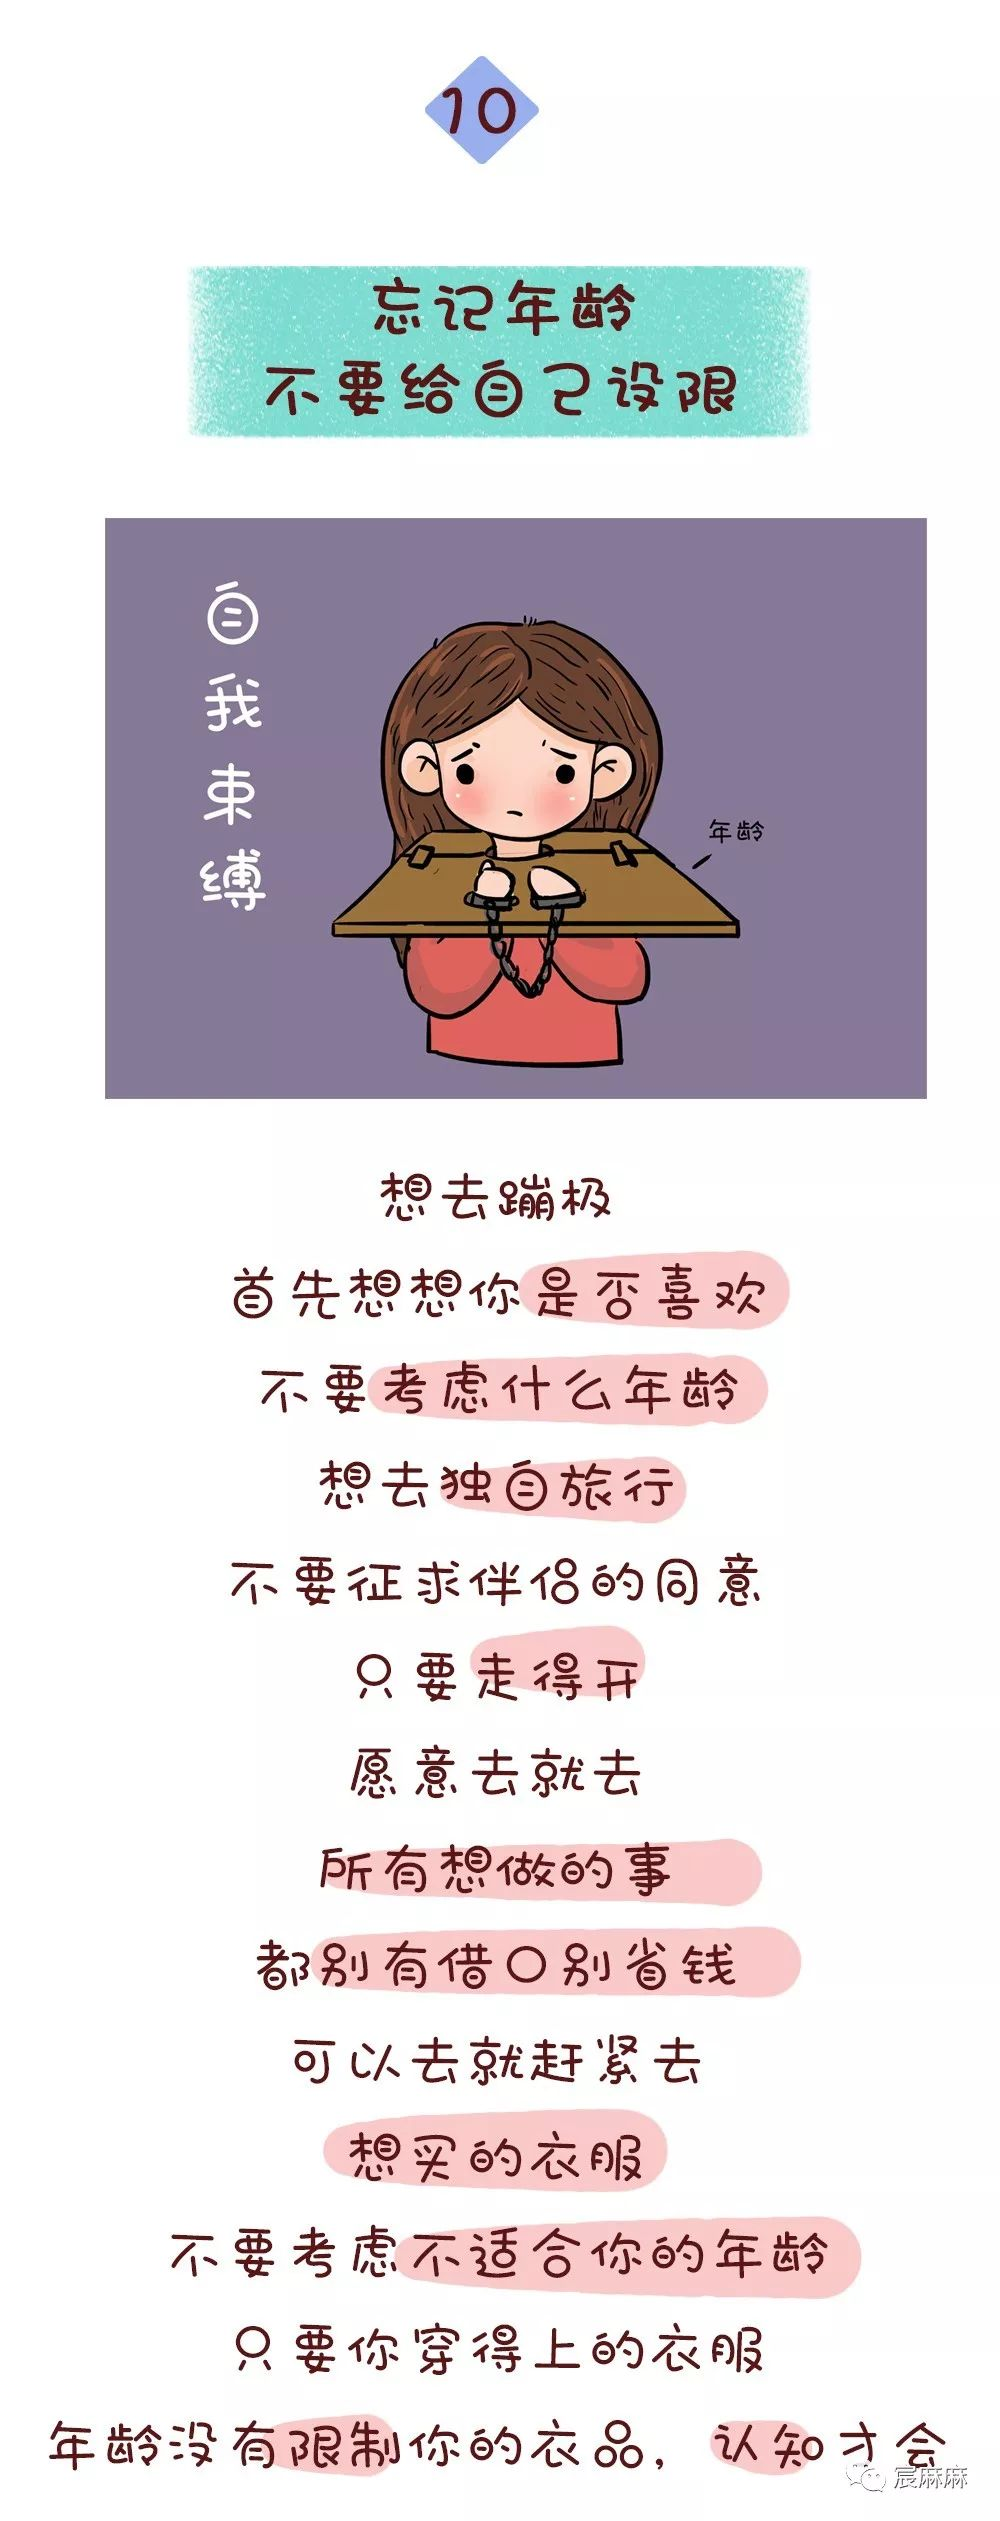 马伊琍43岁生日刷屏:很多中国女人放弃自己太早了! v118.com